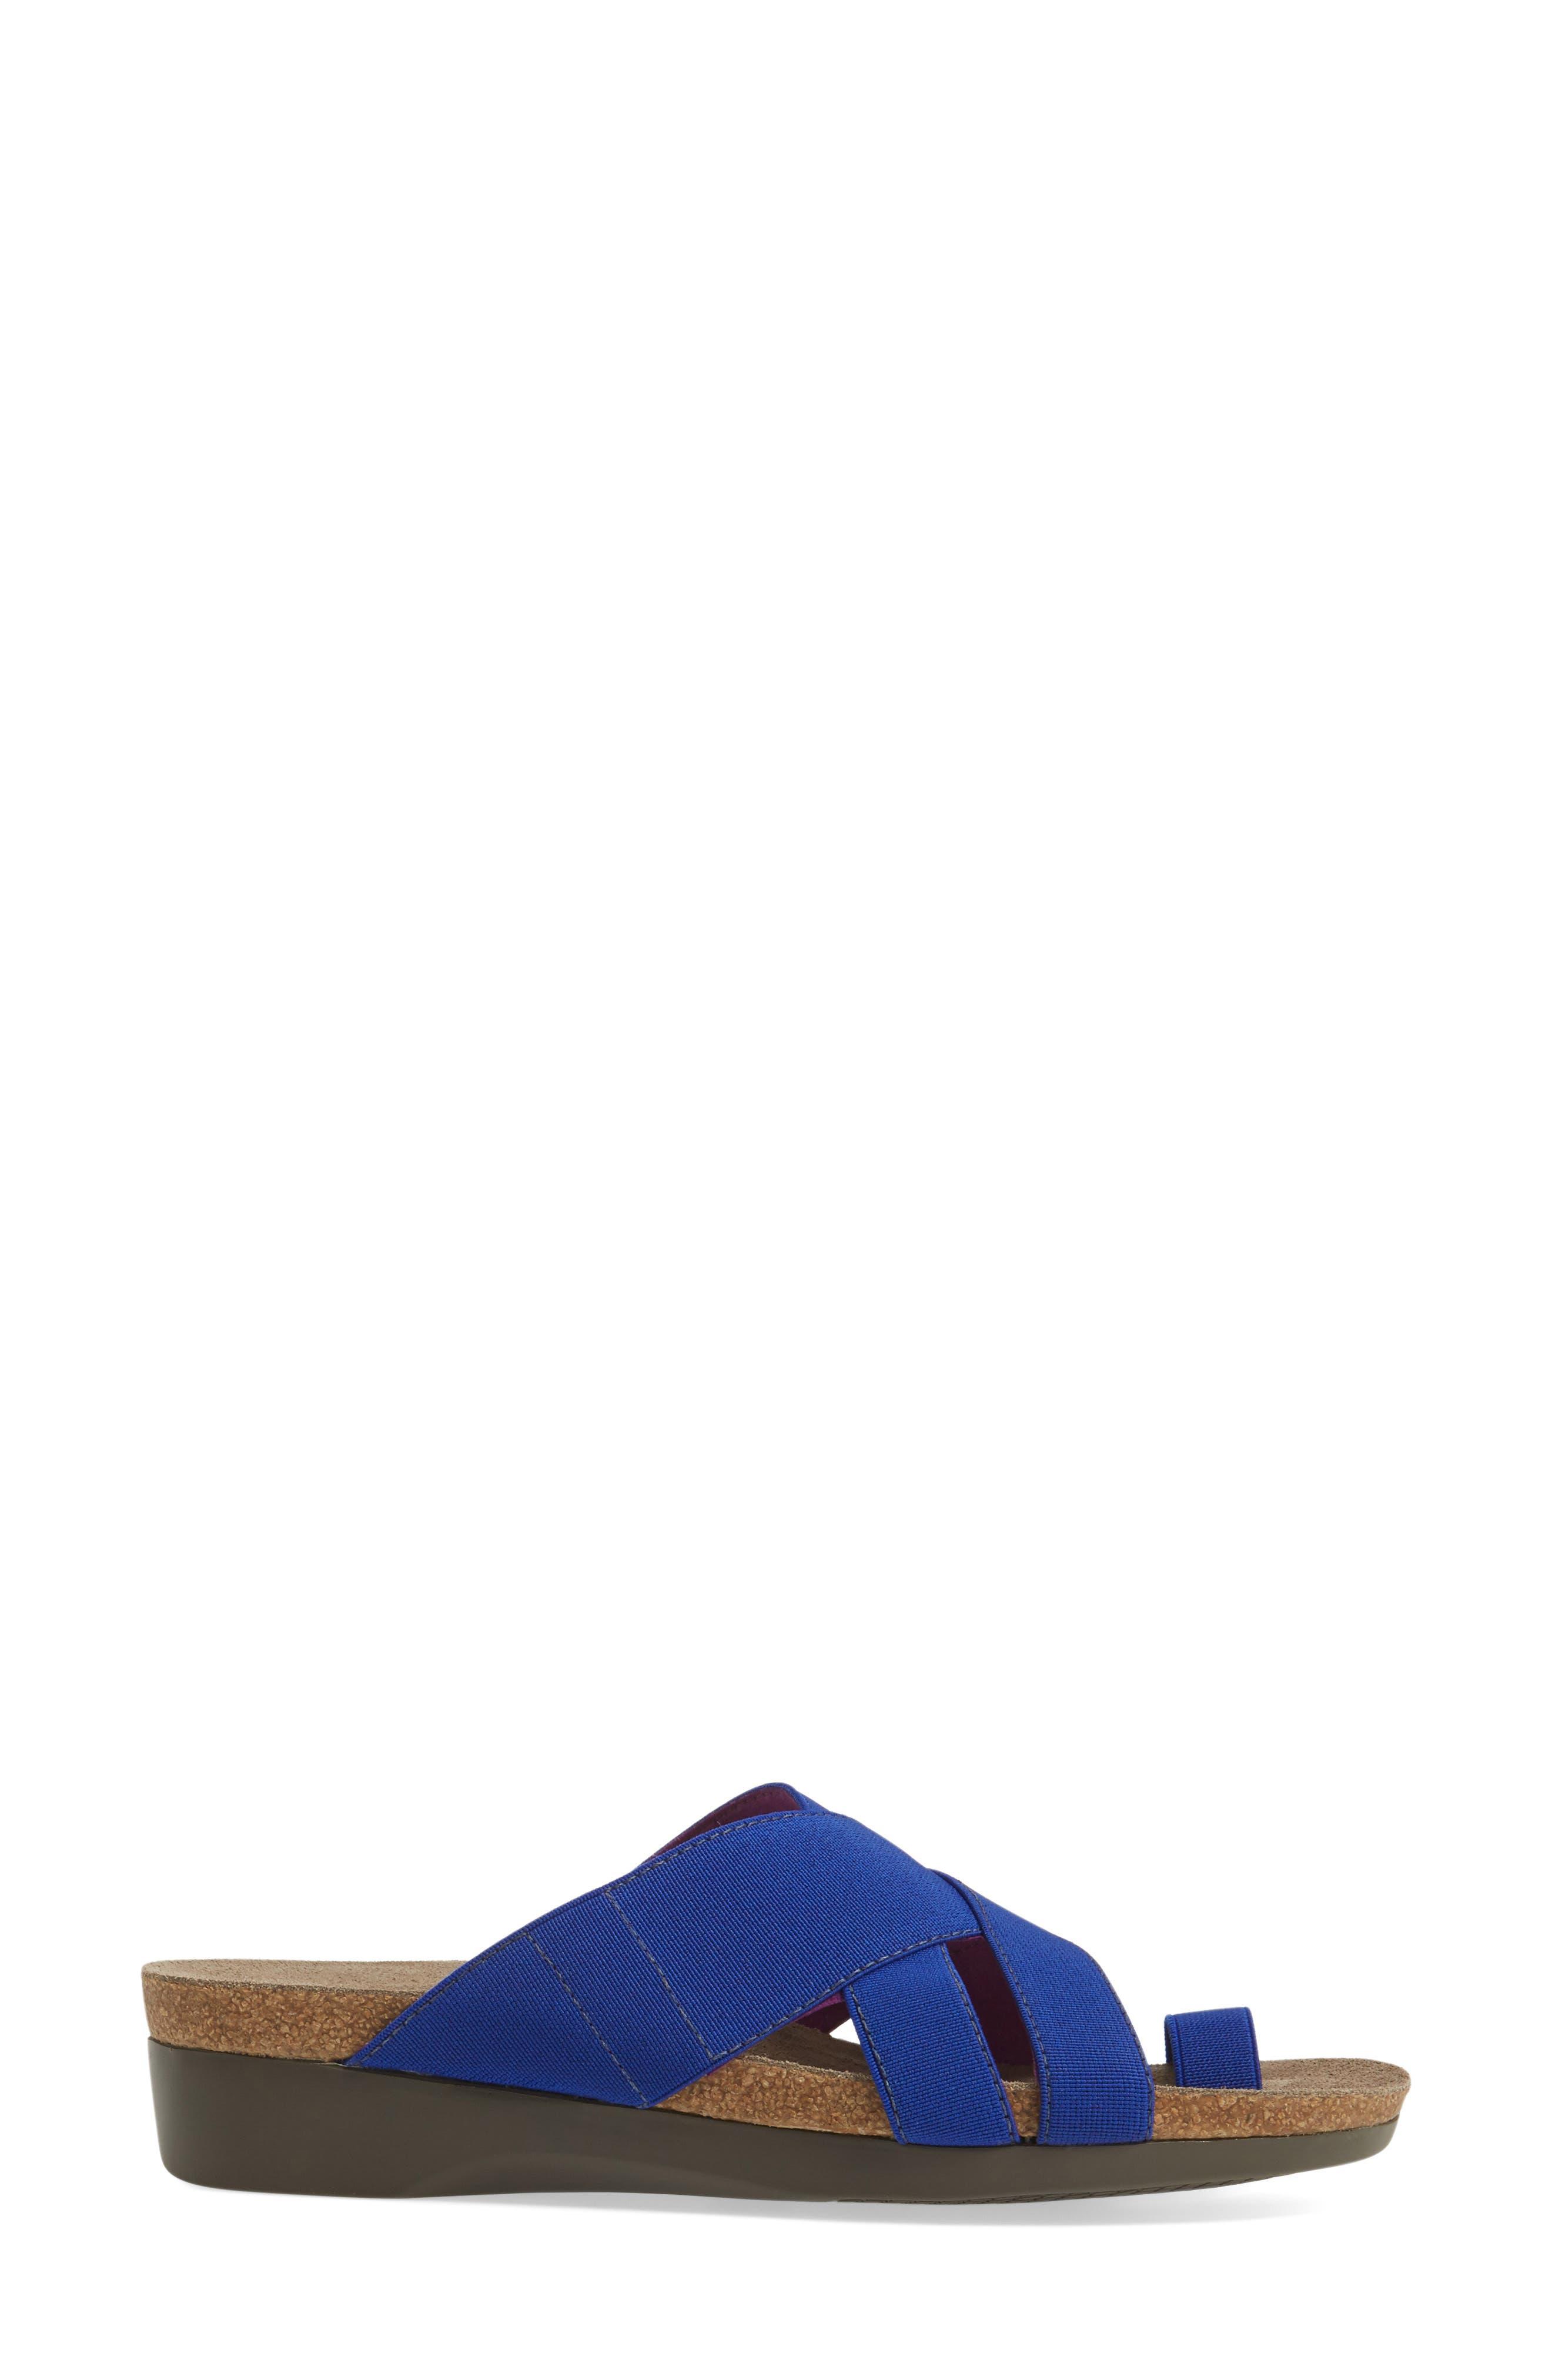 Alternate Image 3  - Munro Delphi Slide Sandal (Women)